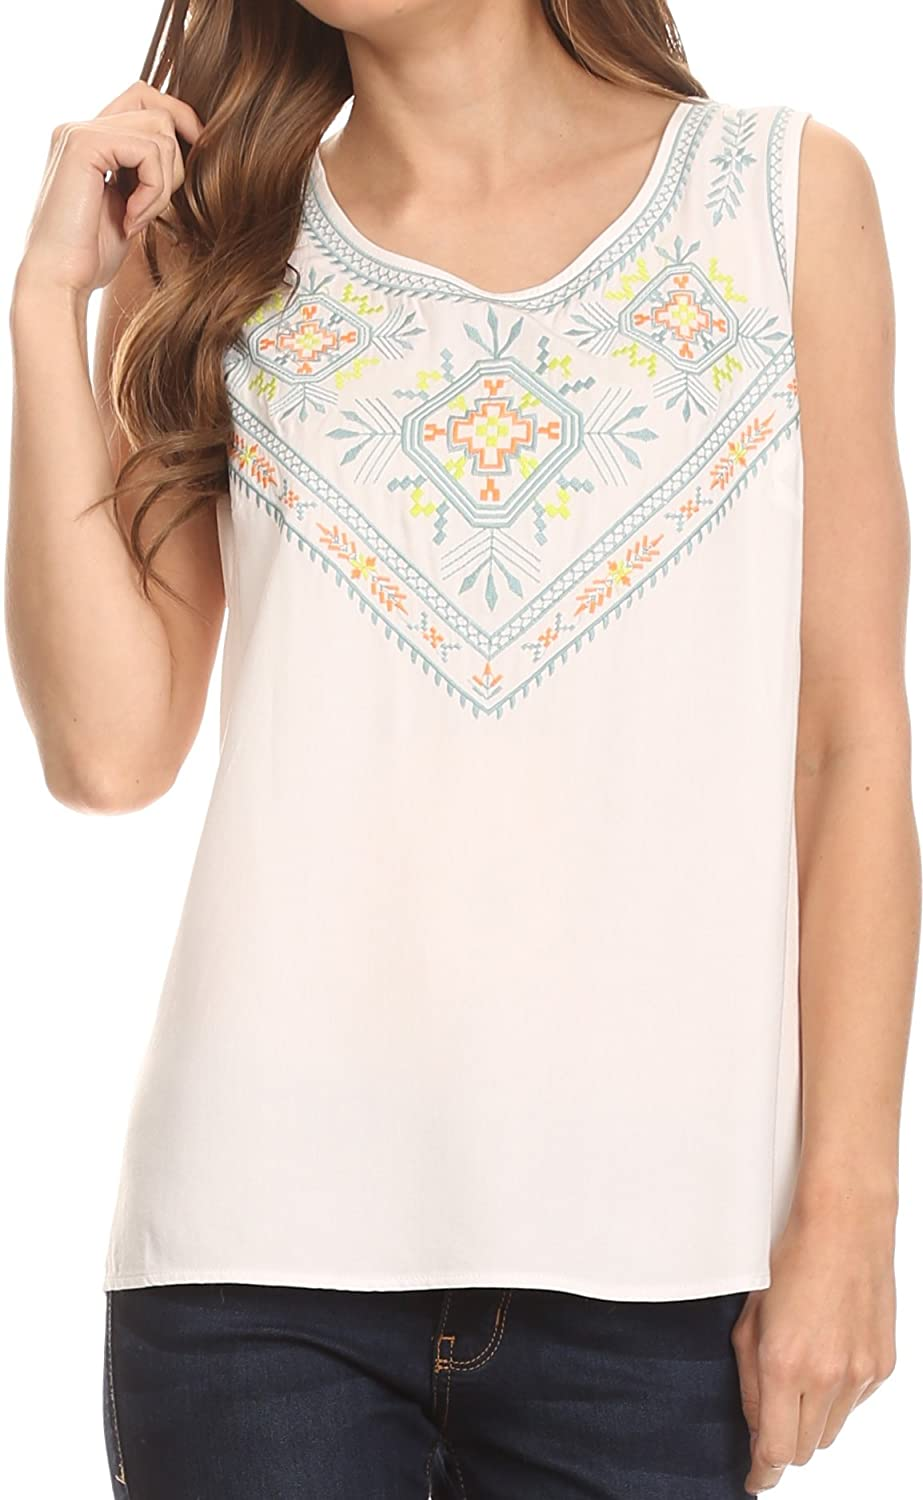 Camisa Blusa Sakkas Elita sin mangas estilo Batik Azteca bordado: Amazon.es: Ropa y accesorios